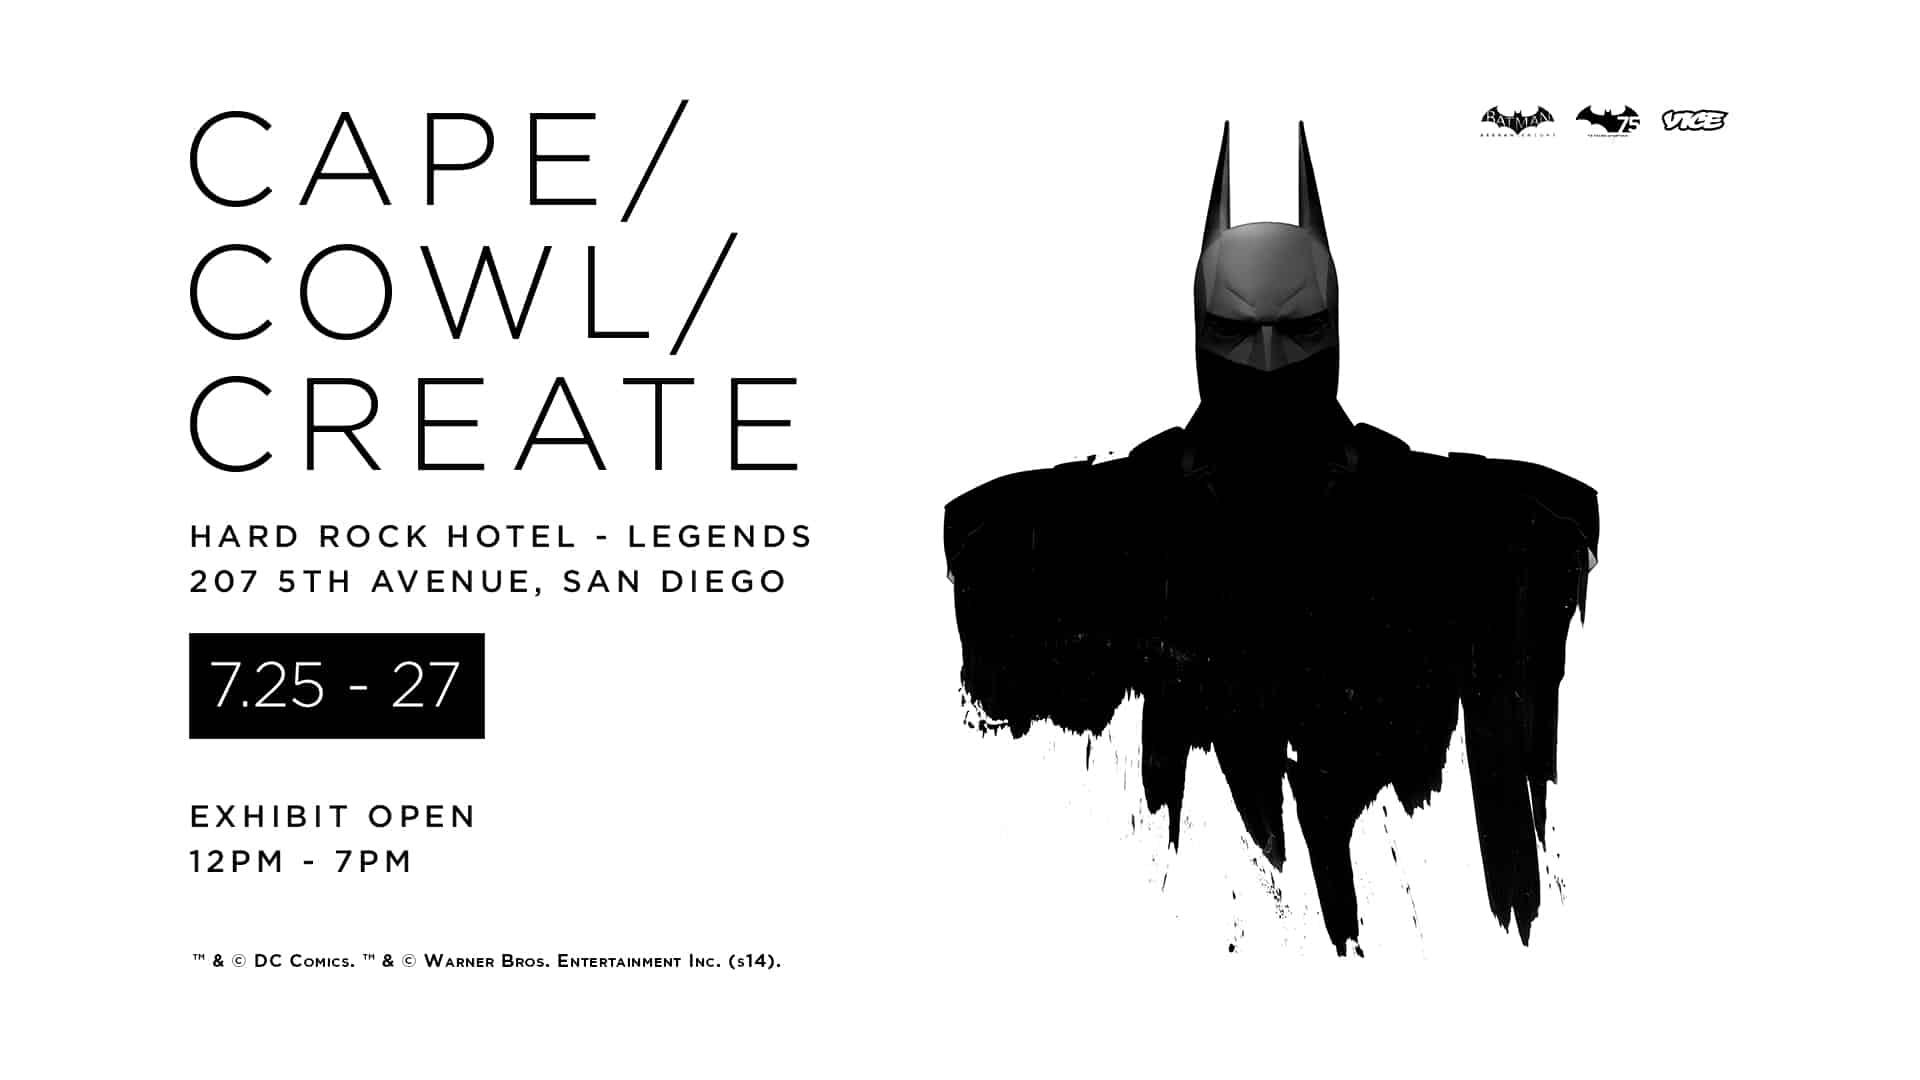 Cape / Cowl / Create Exhibition at San Diego Comic Con